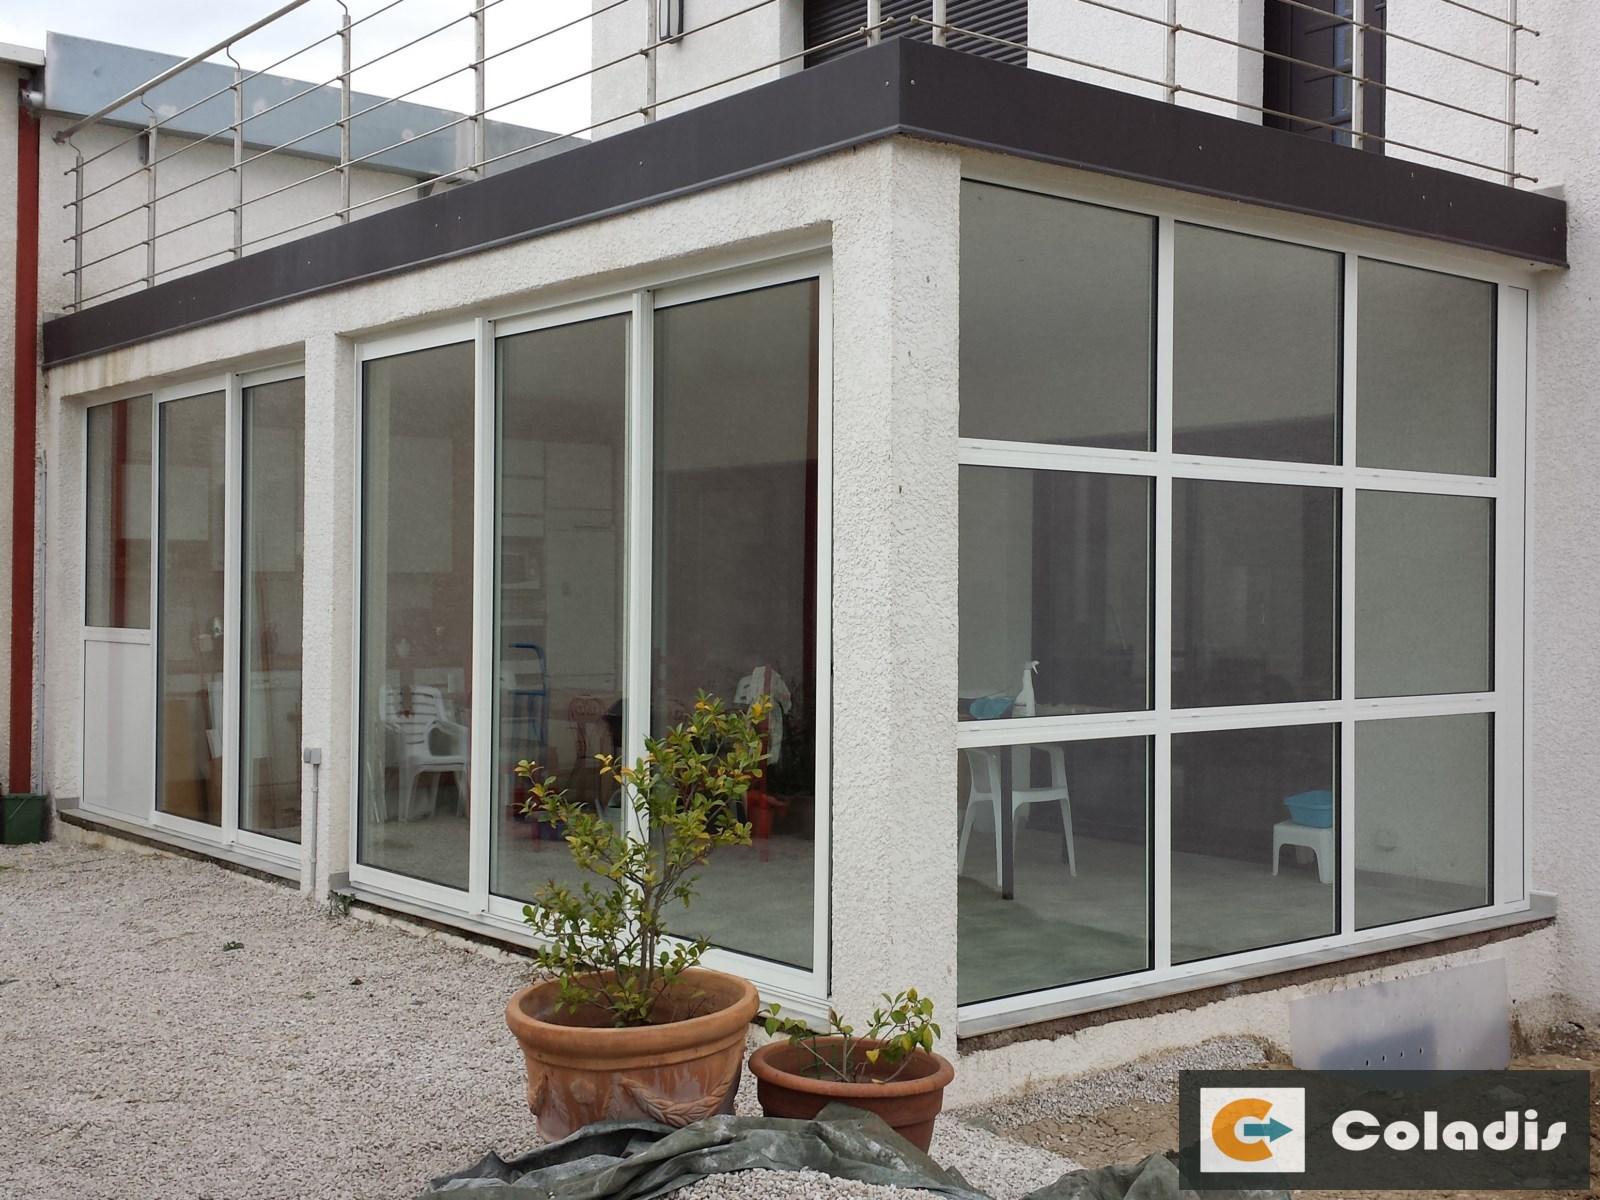 Coladis véranda intégration en angle maison en u Béziers Hérault